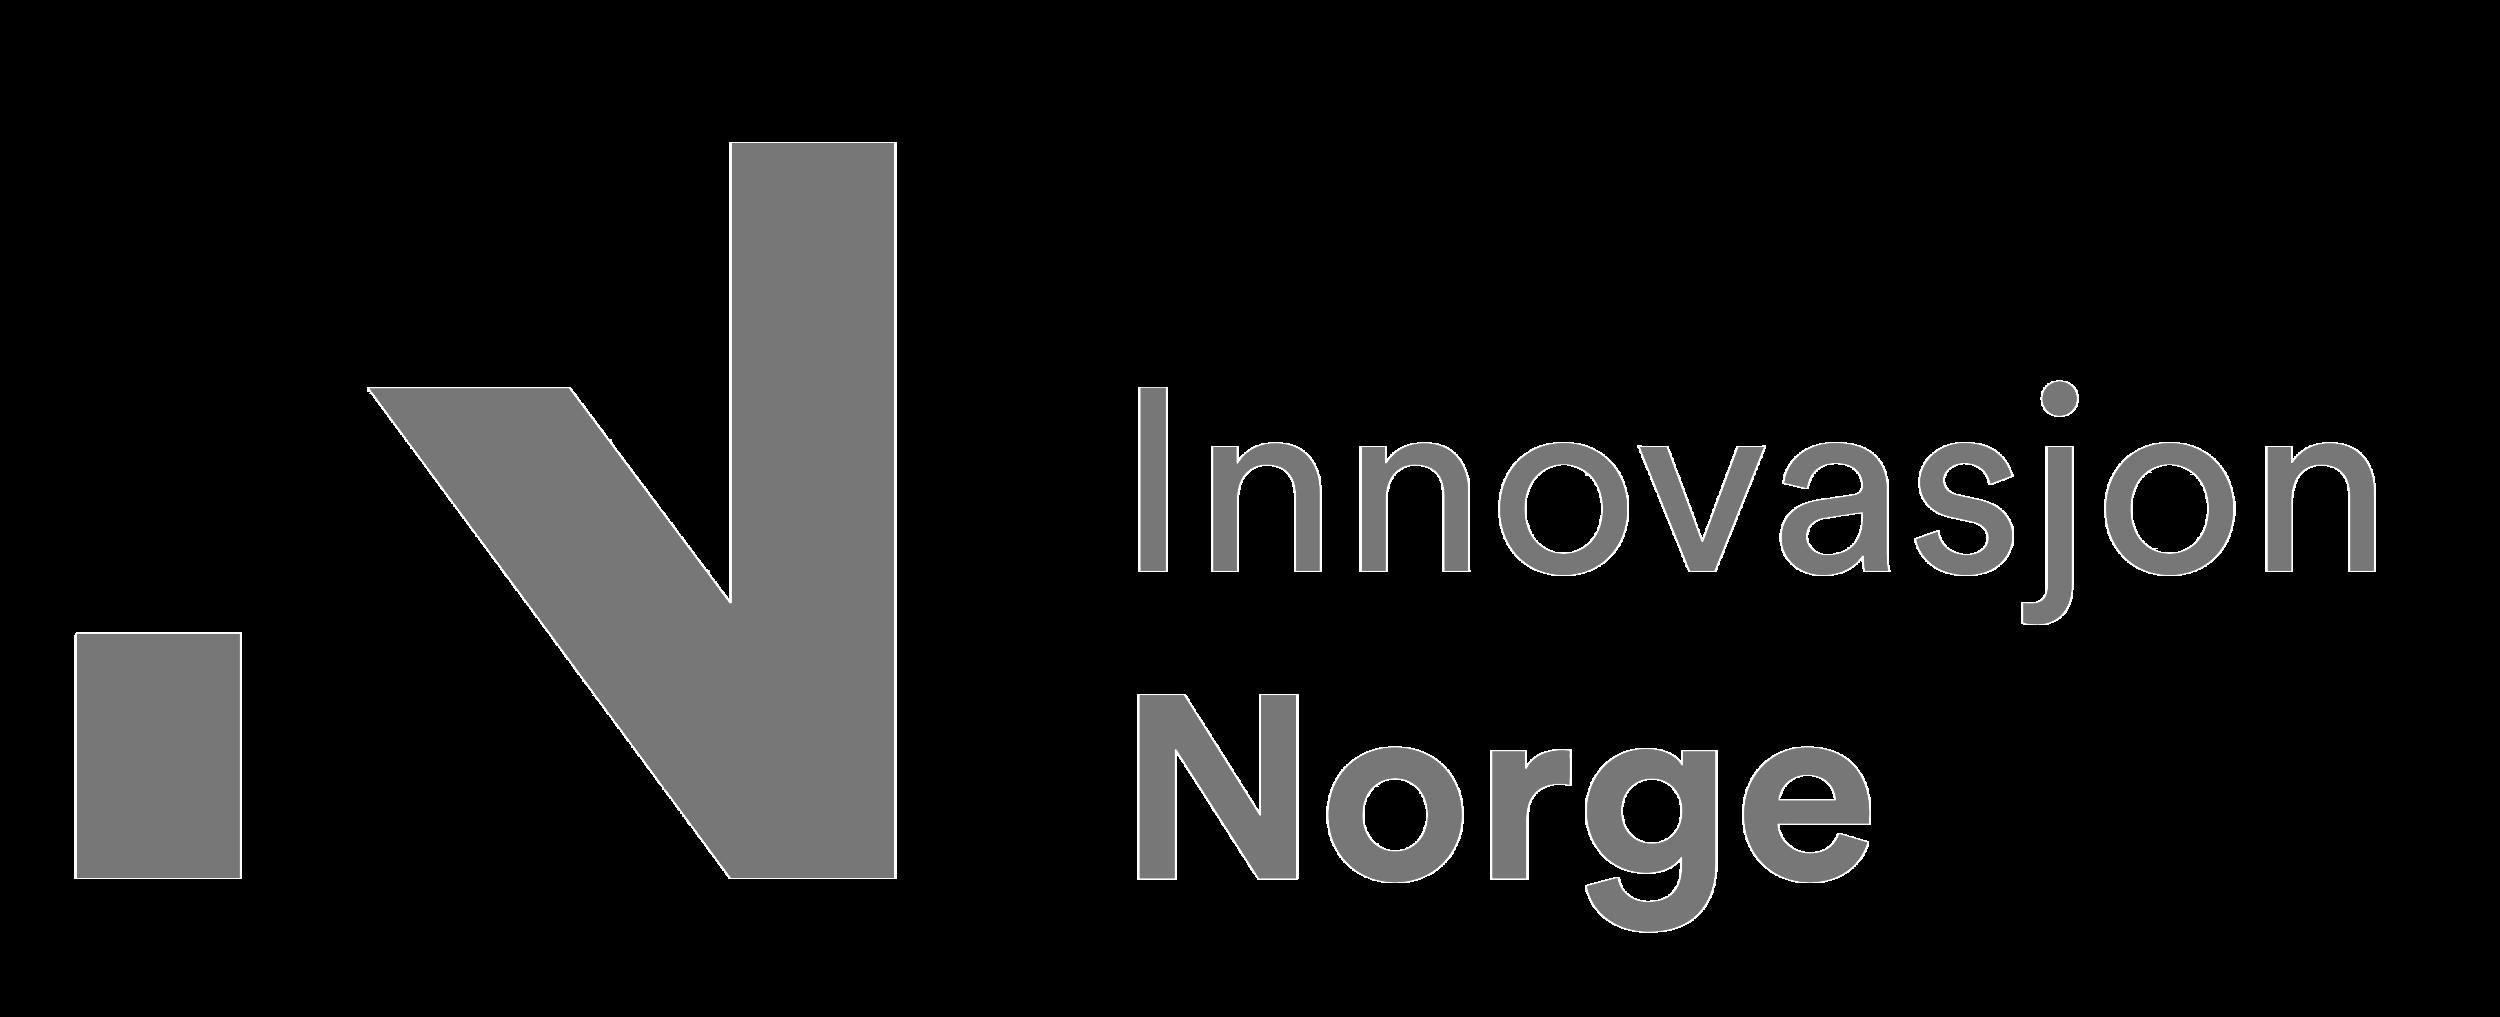 Seacirc_partner_Innovasjon Norge.png